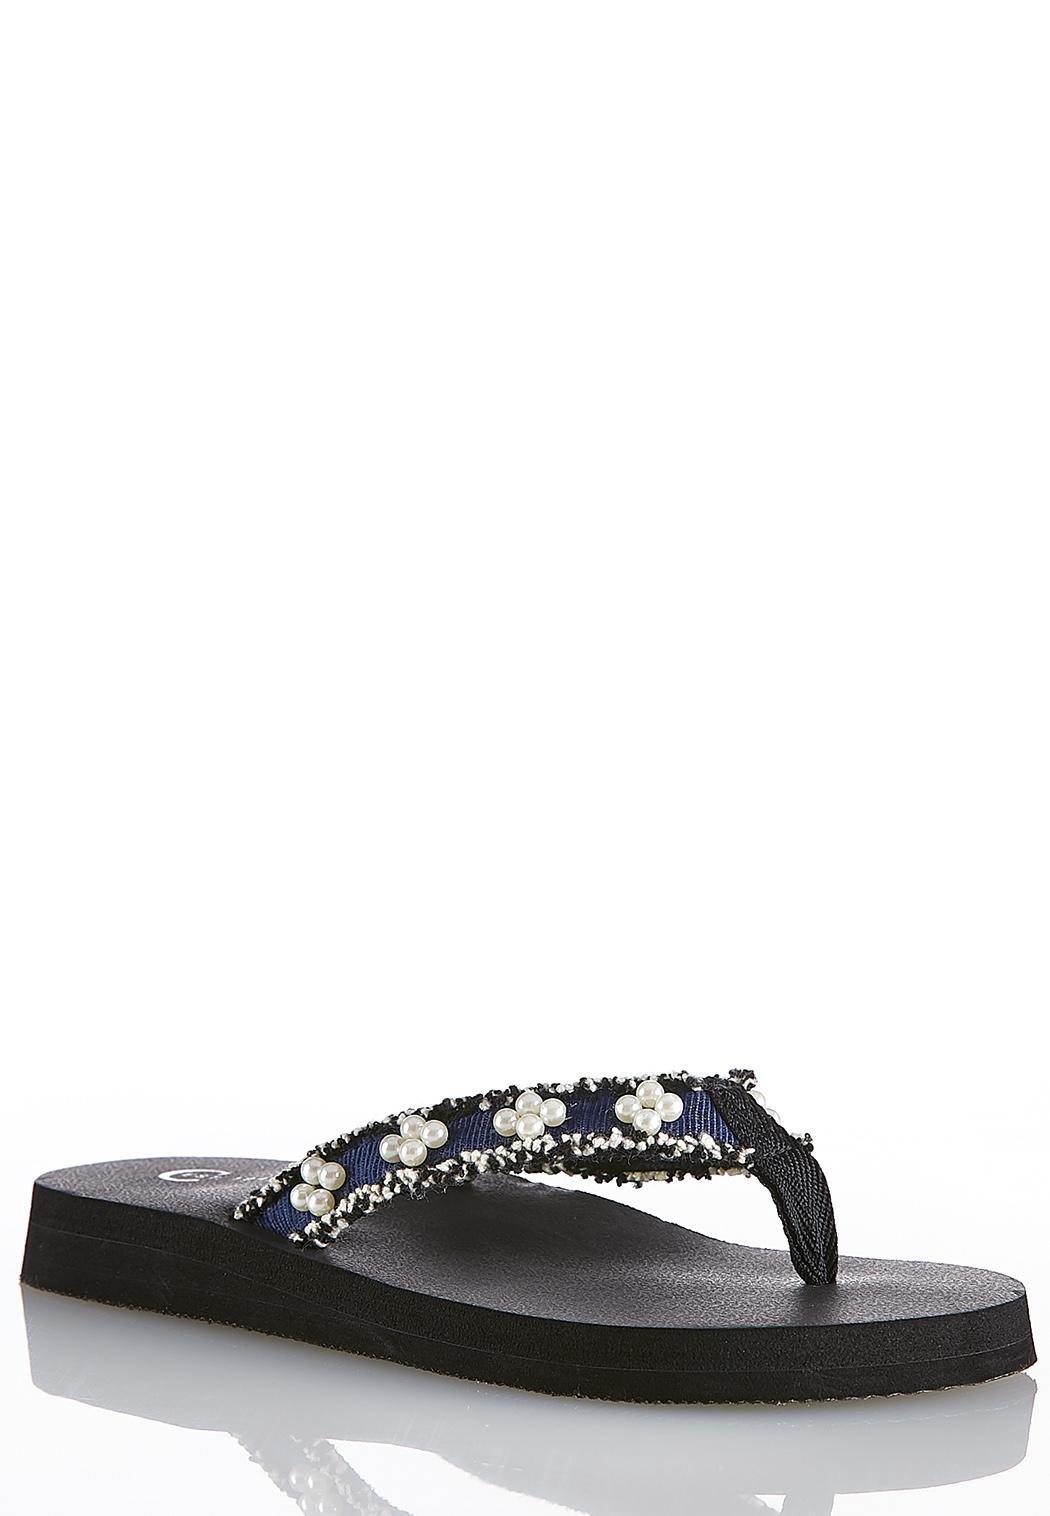 6db177d8e2ff Frayed Denim Embellished Flip Flops Sandals Cato Fashions